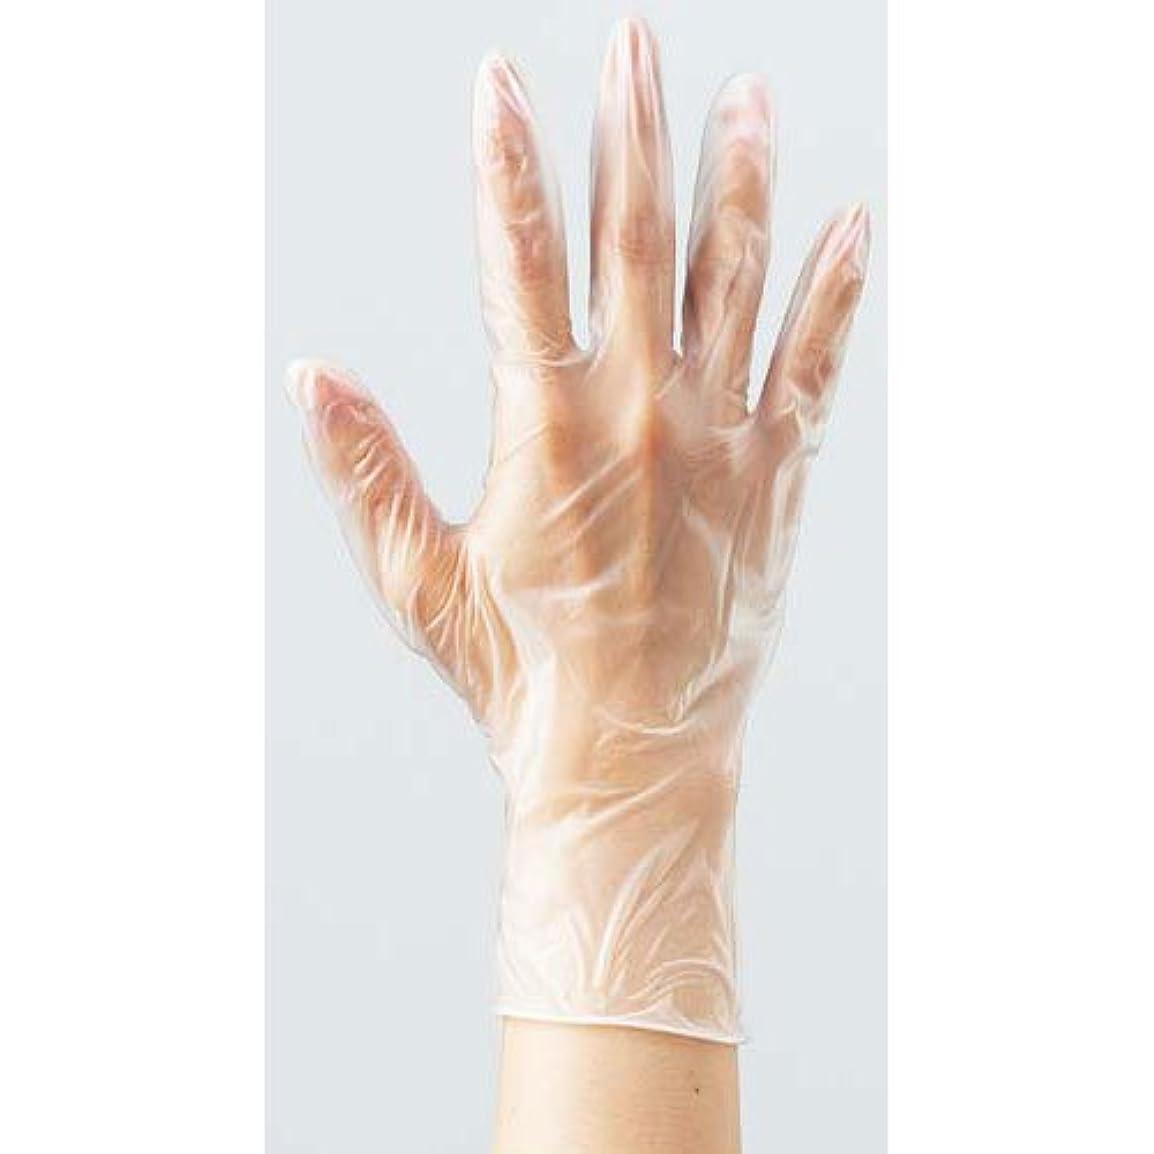 用心するカイウスわずかにカウネット プラスチック手袋 袋入 粉付L 100枚×10